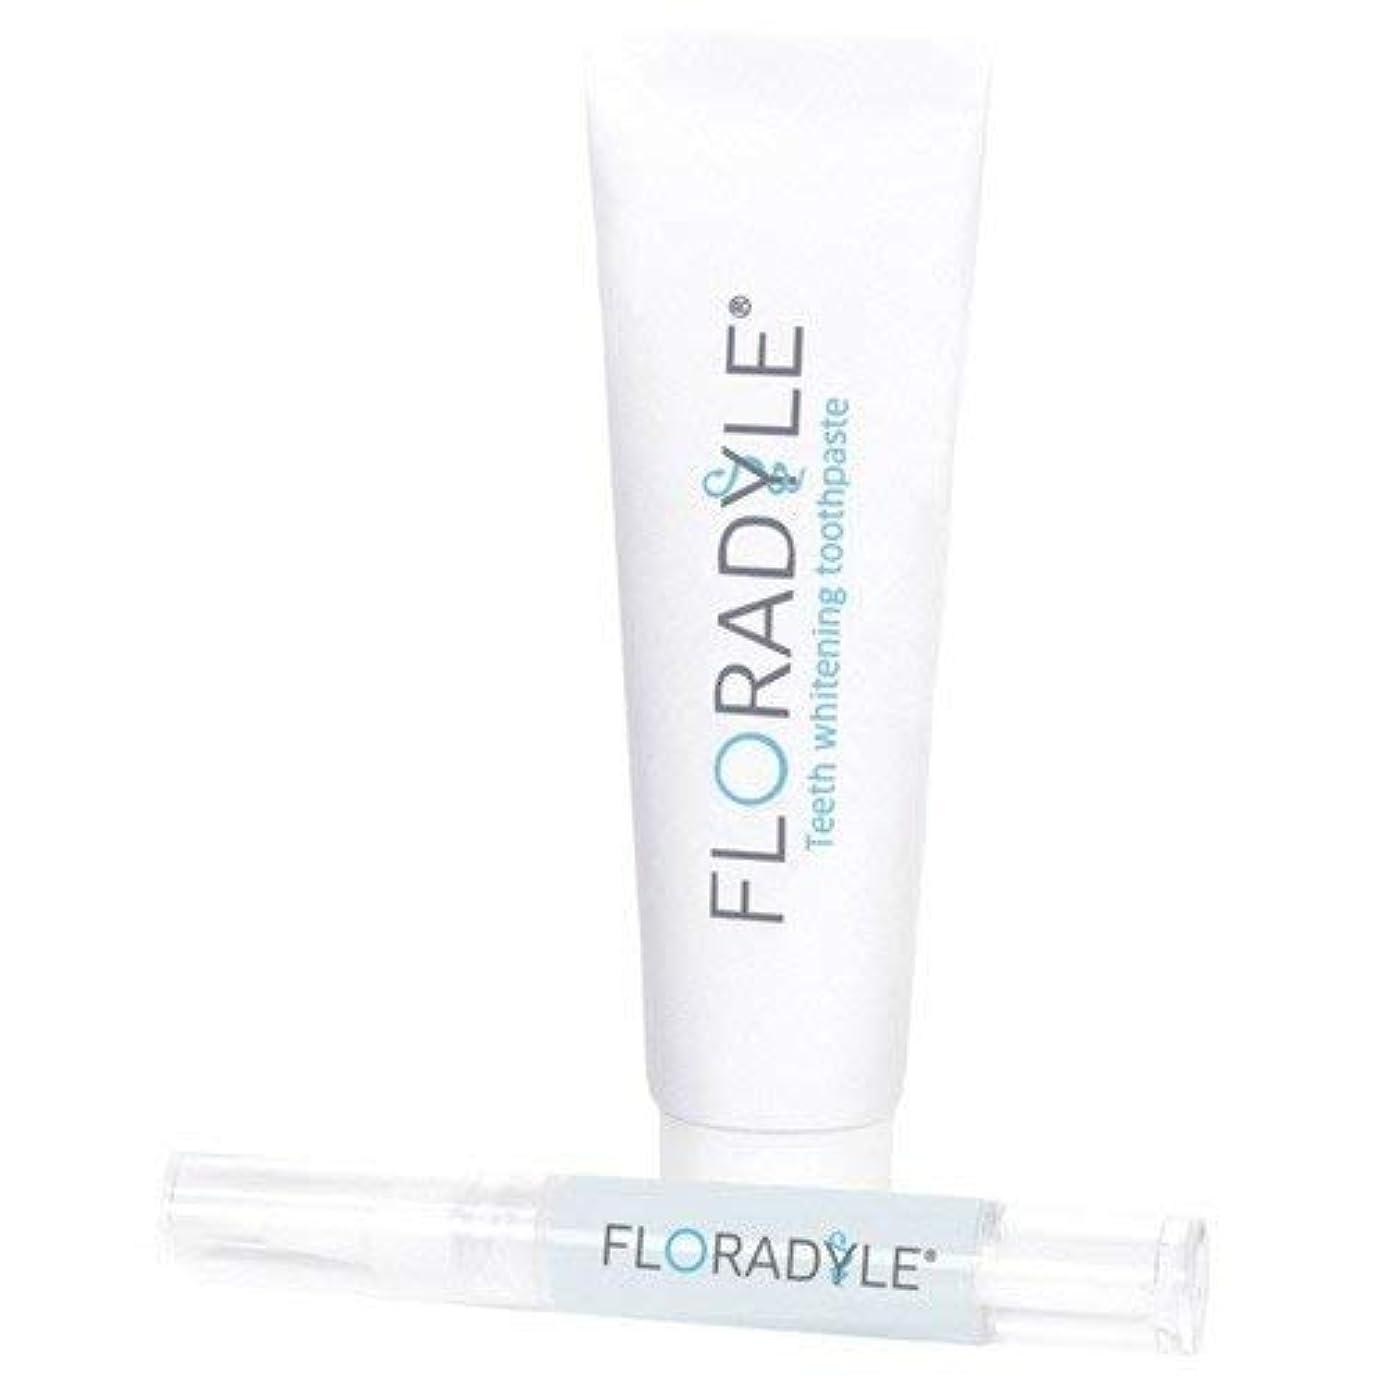 ピークペデスタルヒロイックFloradyle(フロラダイル) ホワイトニングジェル&ホワイトニング歯磨き粉 セット